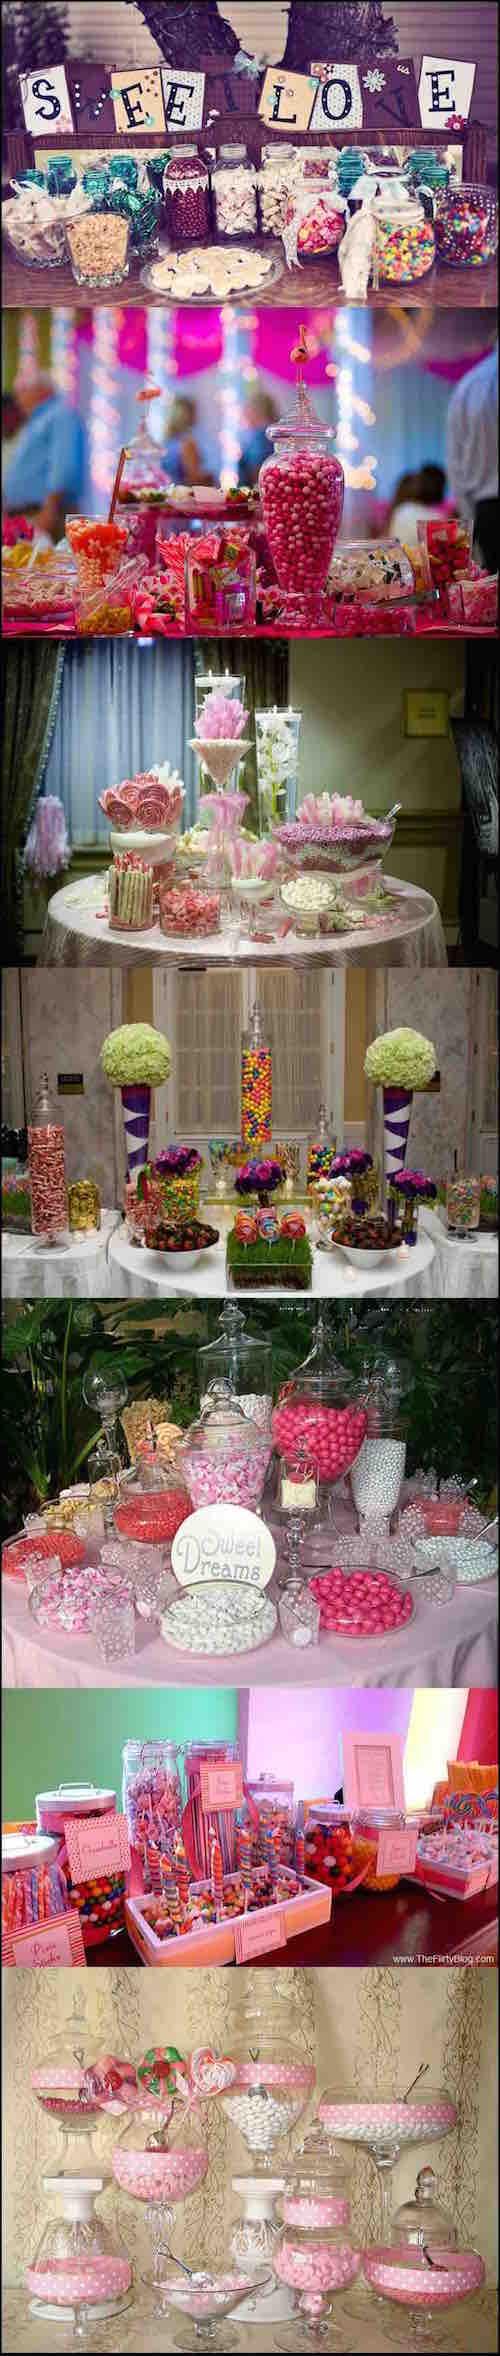 Los candy bar para boda son versátiles y deliciosos. ¿Cuál es tu estilo favorito de candy bar para bodas? No te pierdas las Ideas de mesa de dulces para bodas! Foto mydreamwedding.ie